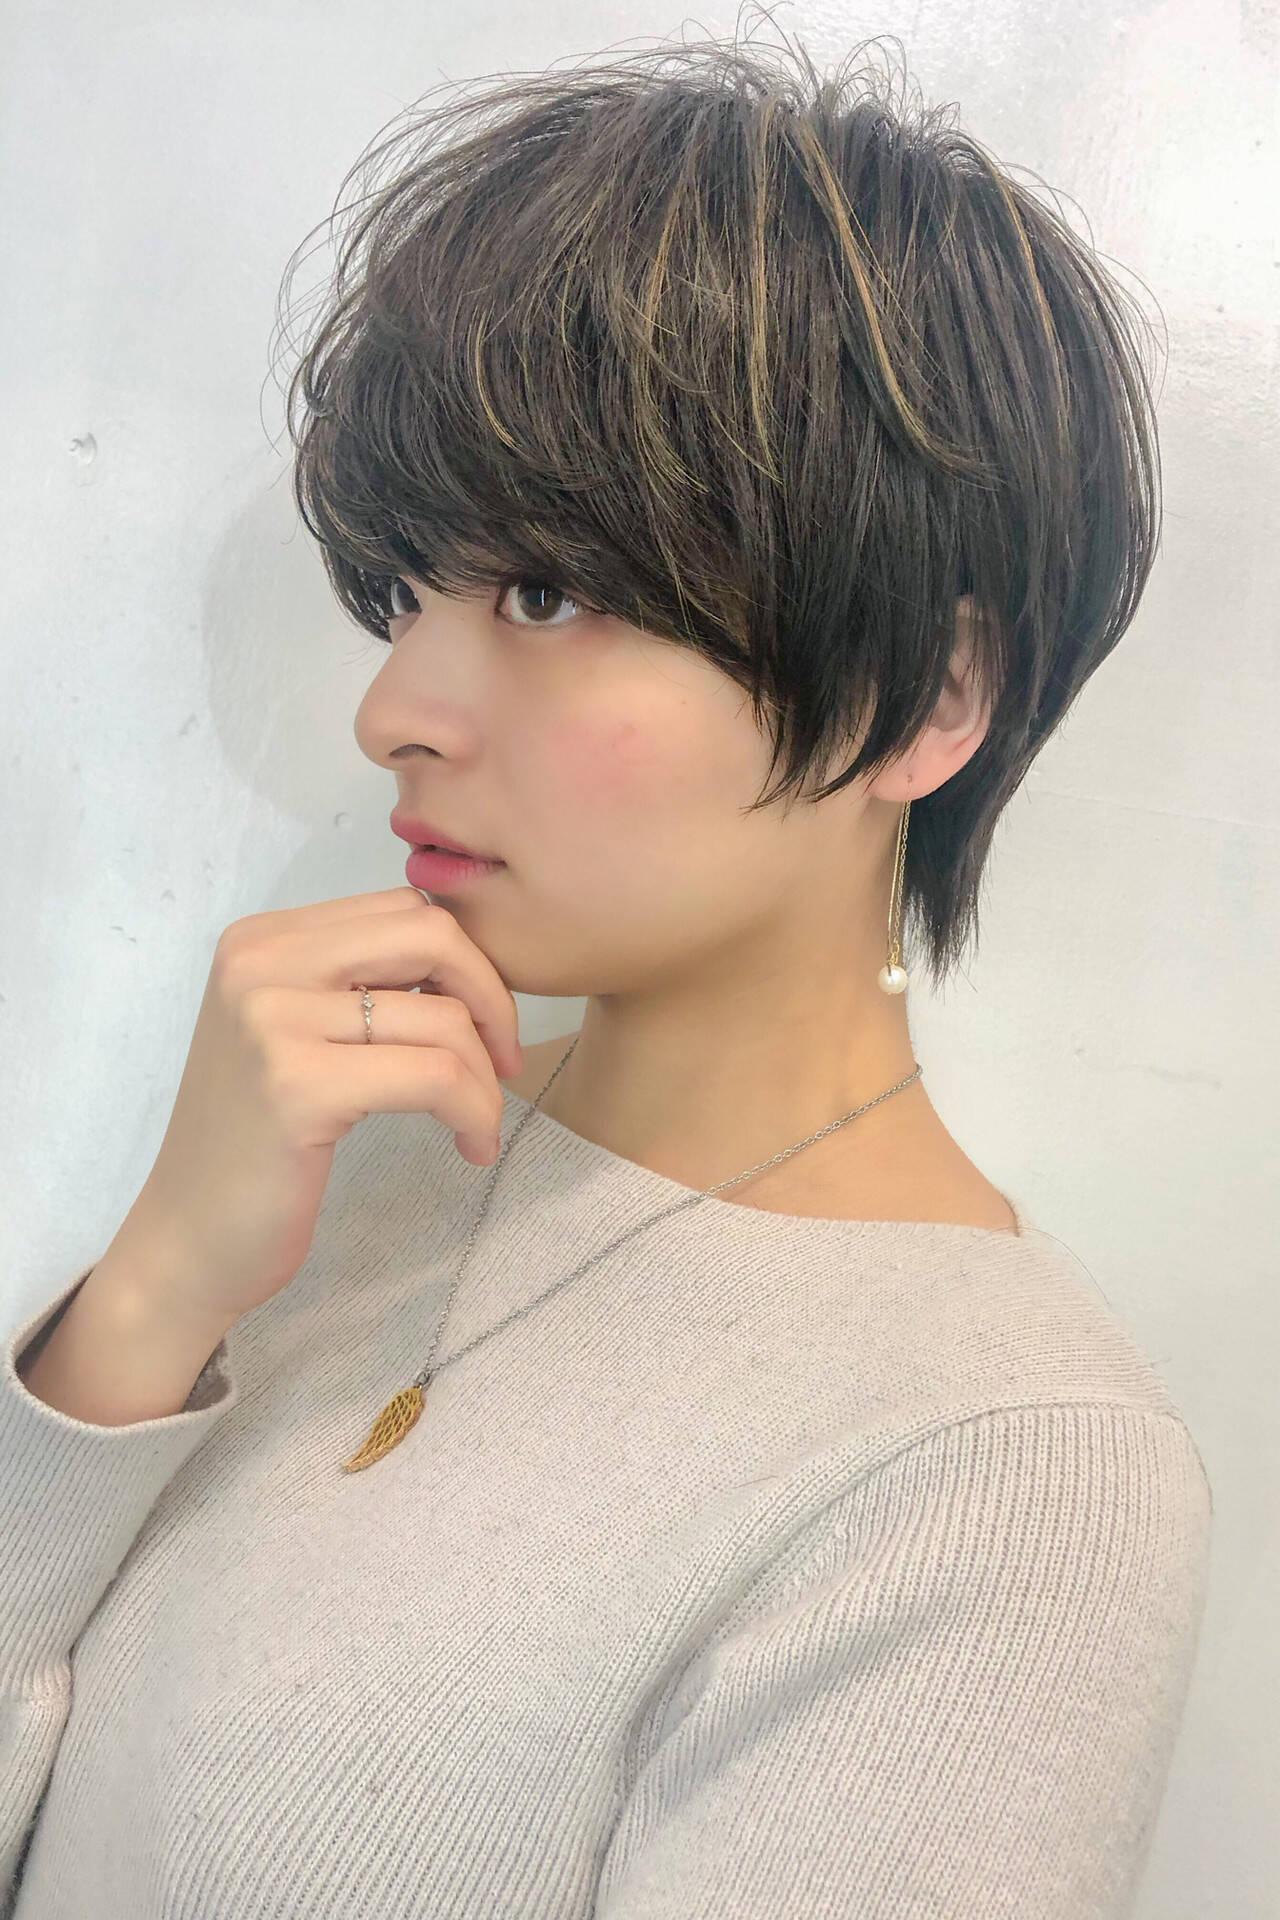 ナチュラル 3Dハイライト 耳かけ ハイライトヘアスタイルや髪型の写真・画像